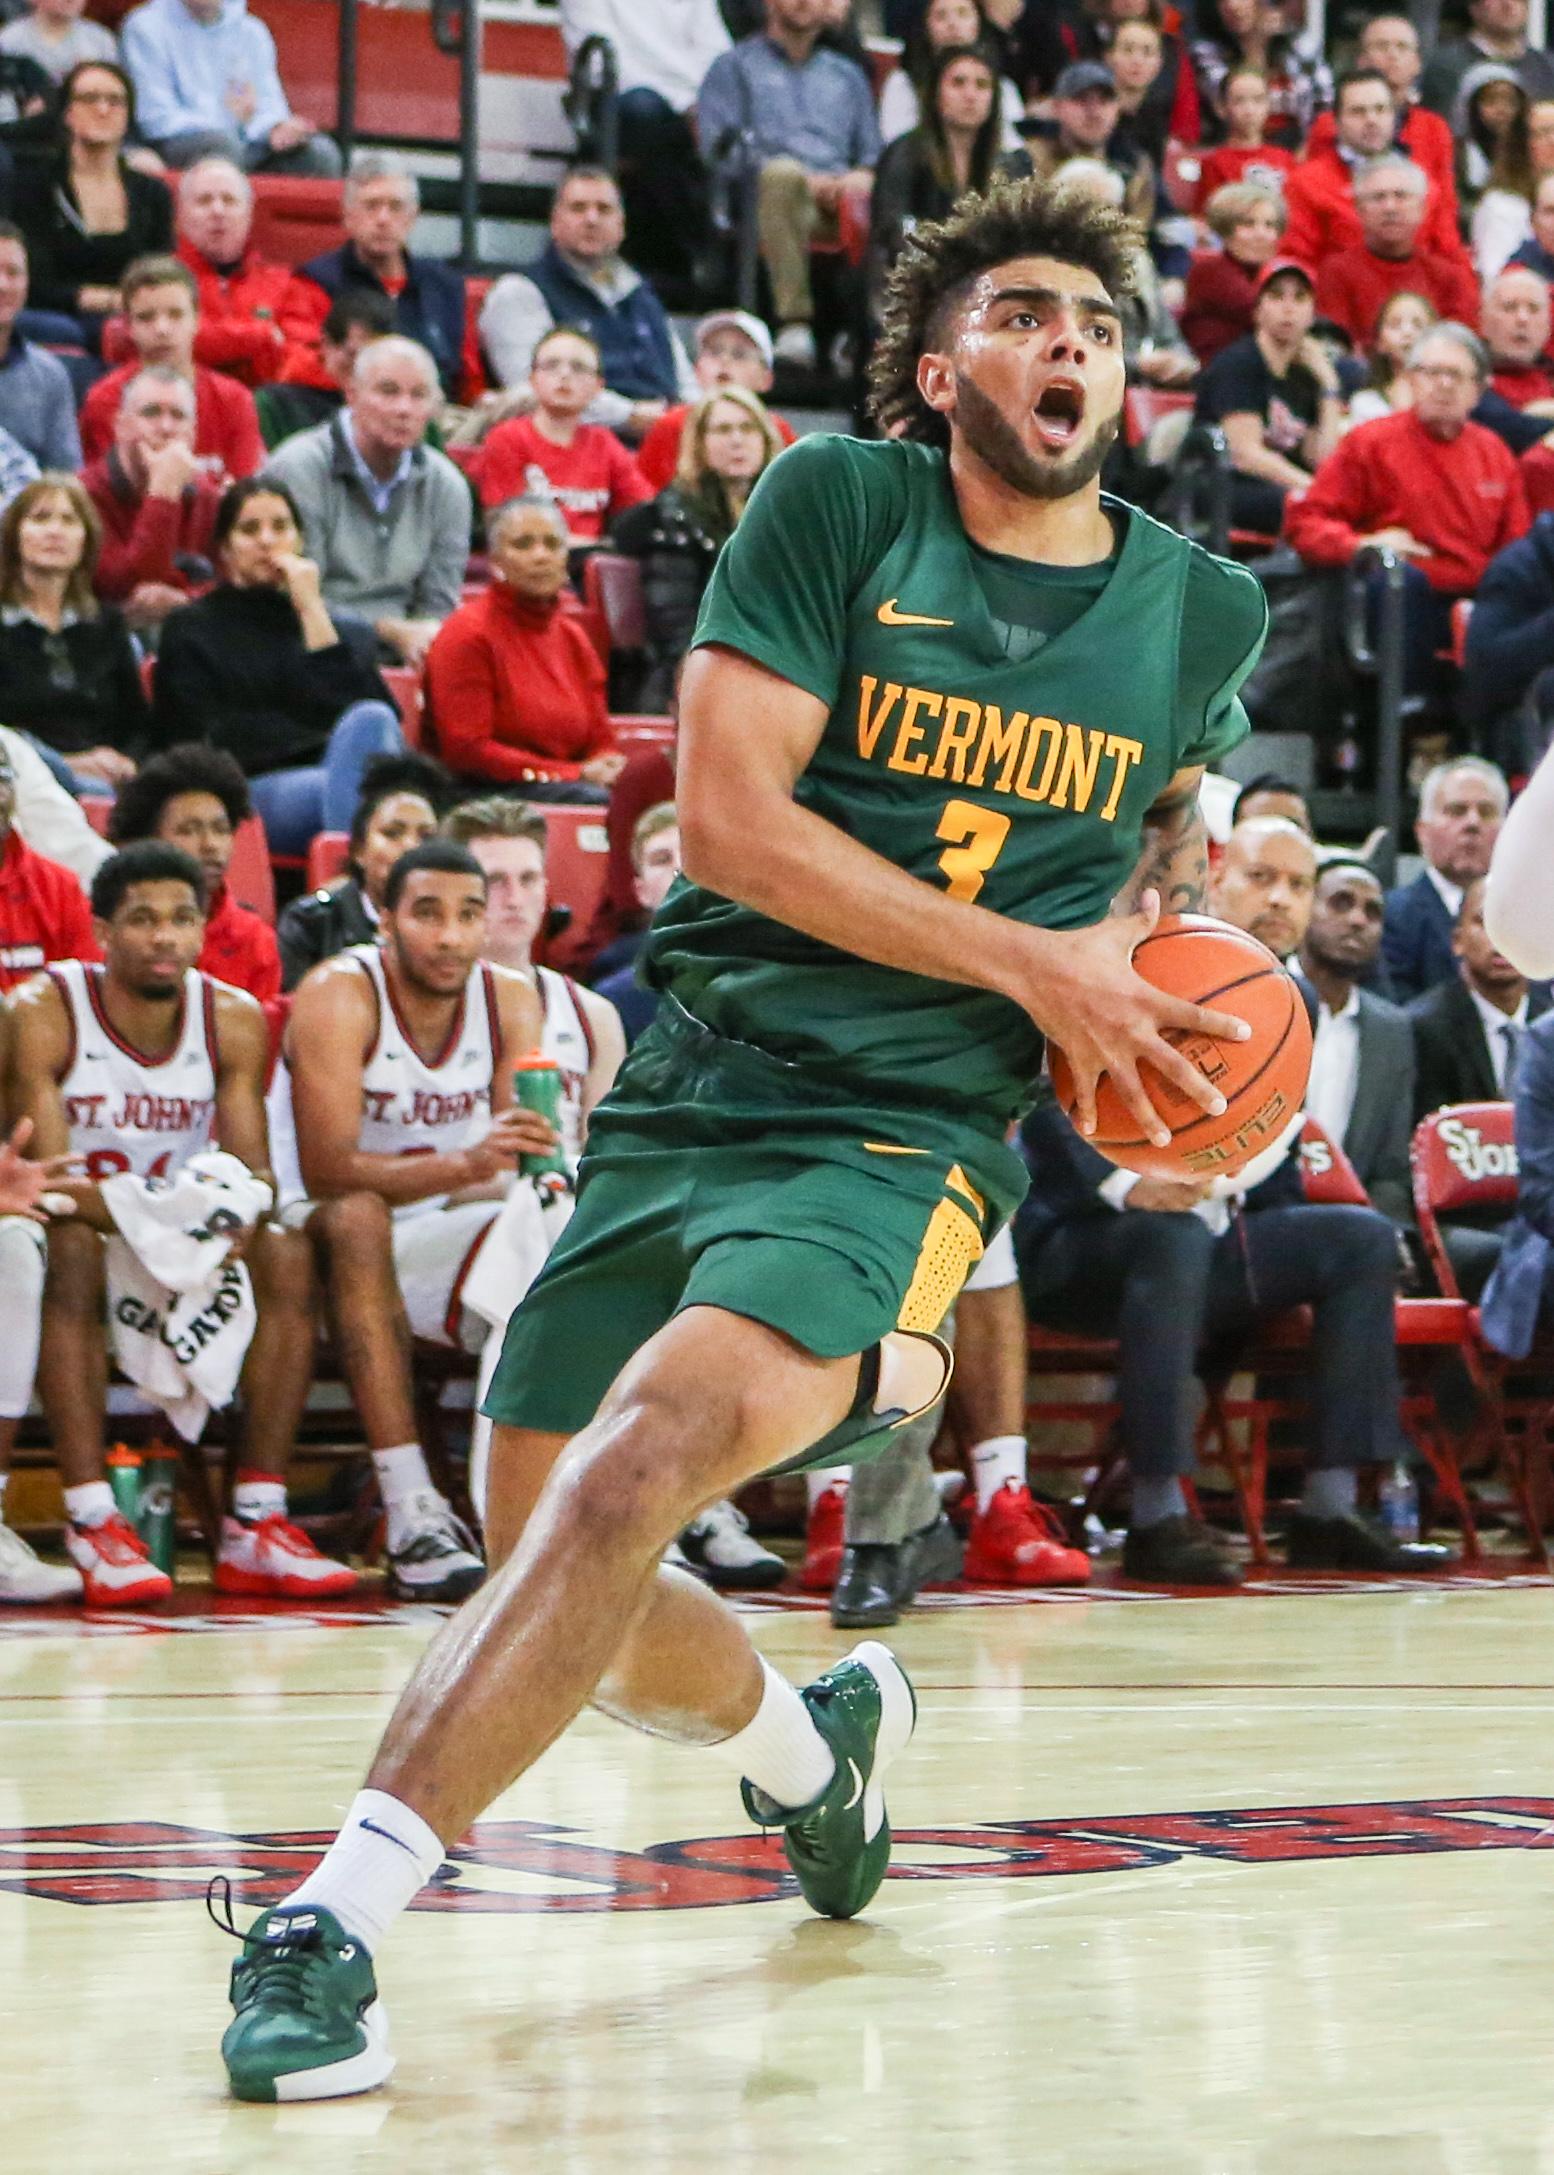 NCAA Basketball: Vermont at St. John's